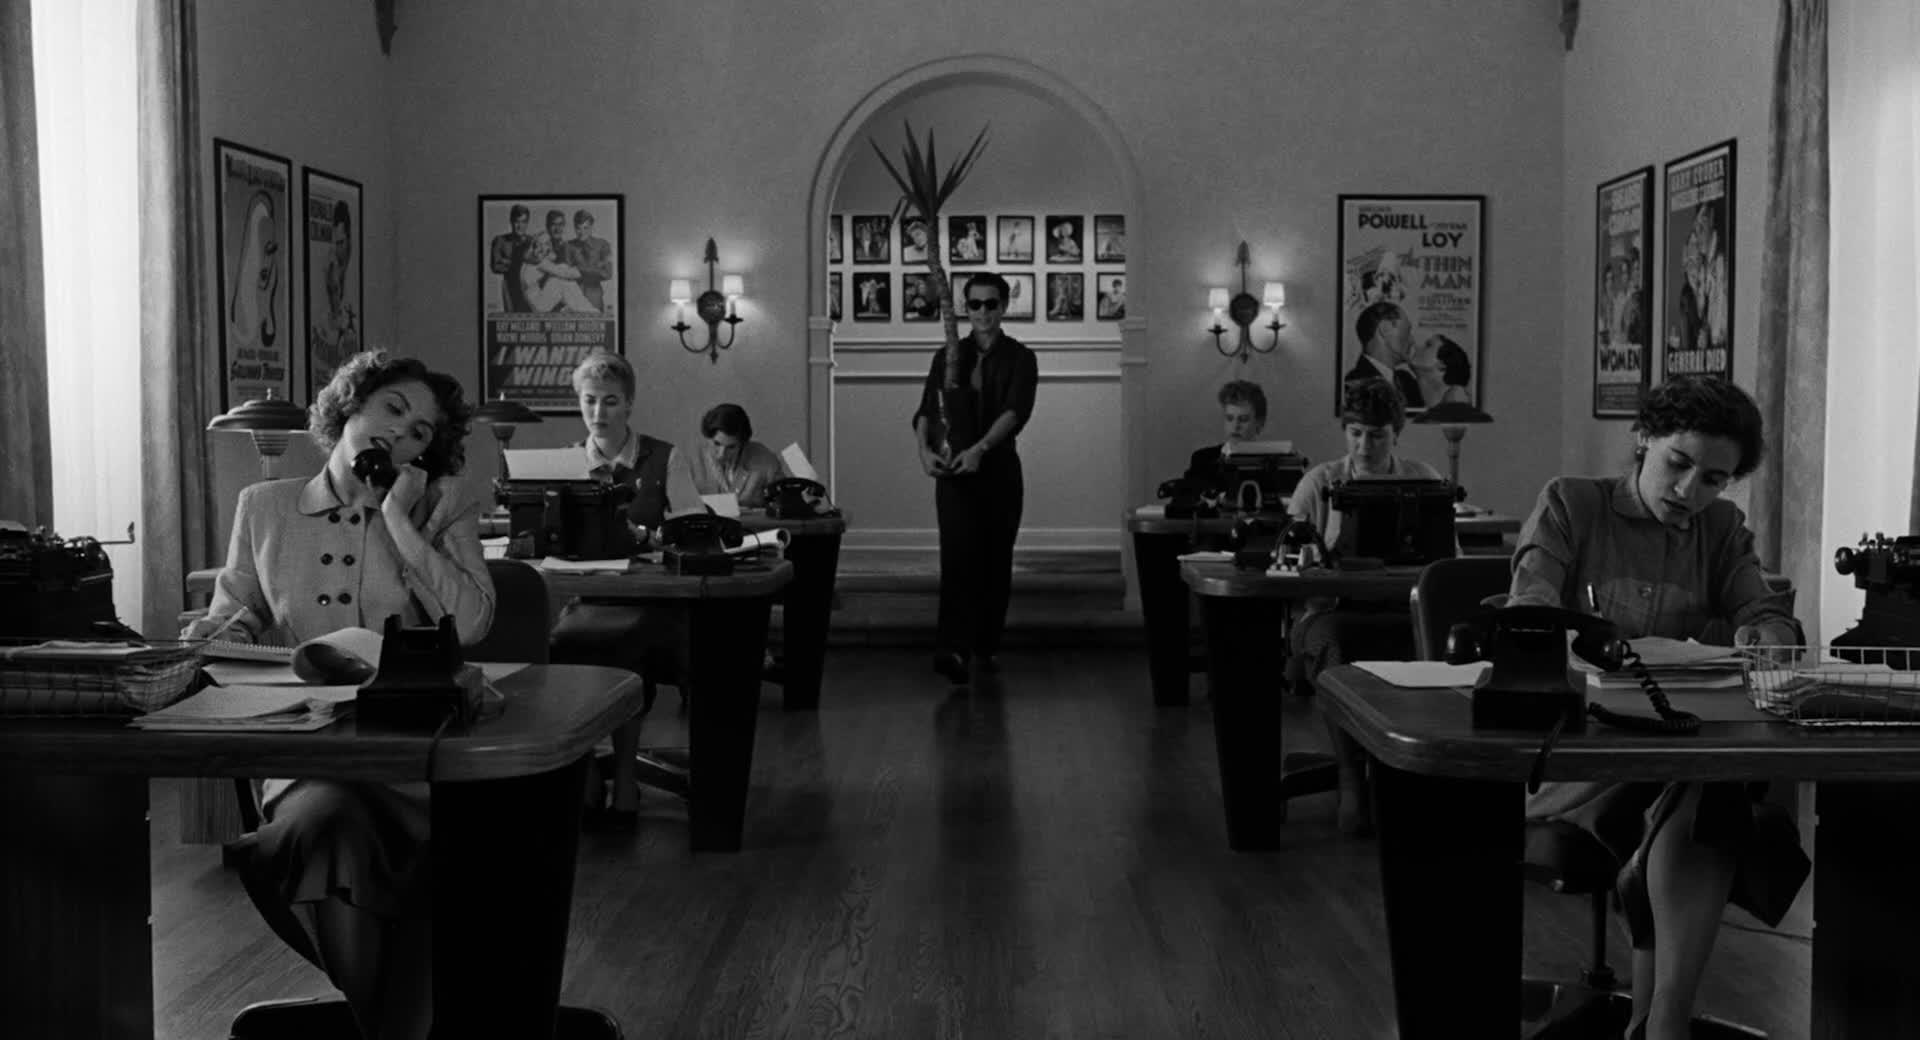 Ed Wood film still 1